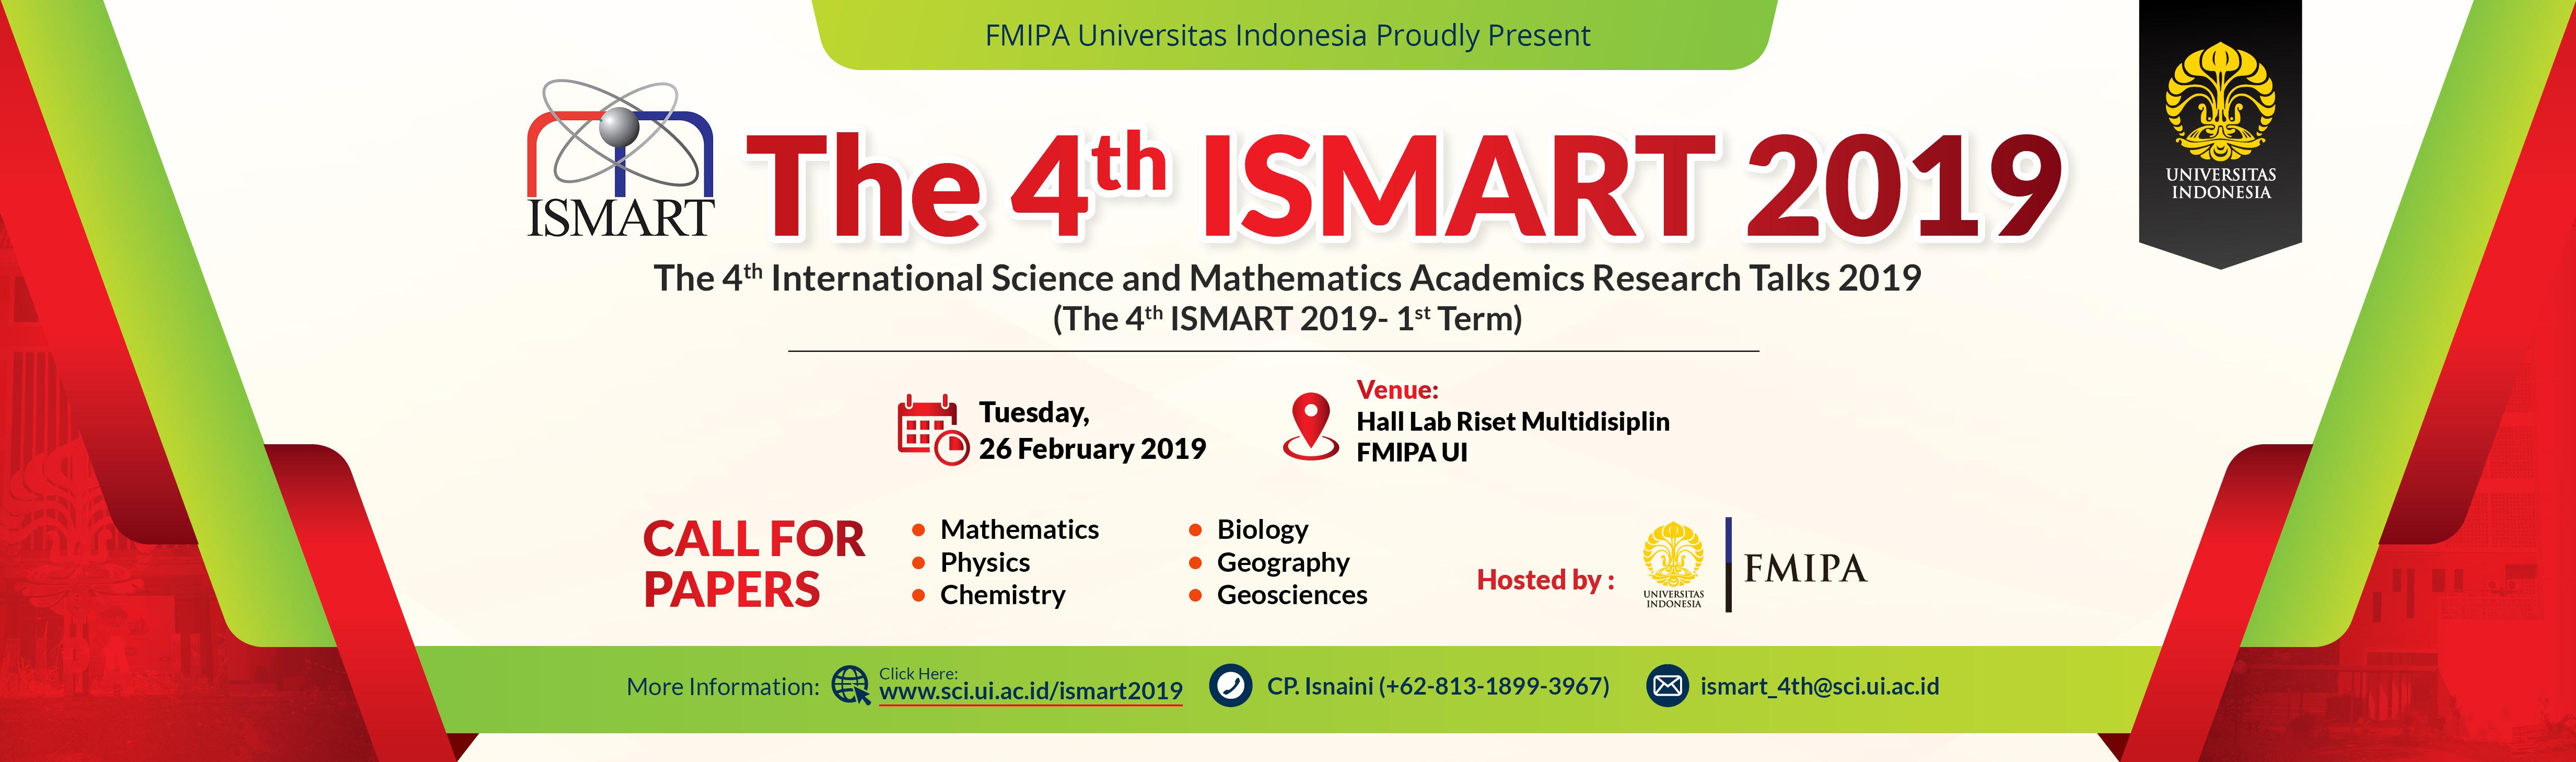 Web-Banner-ISMART-2019_1st-Term_2